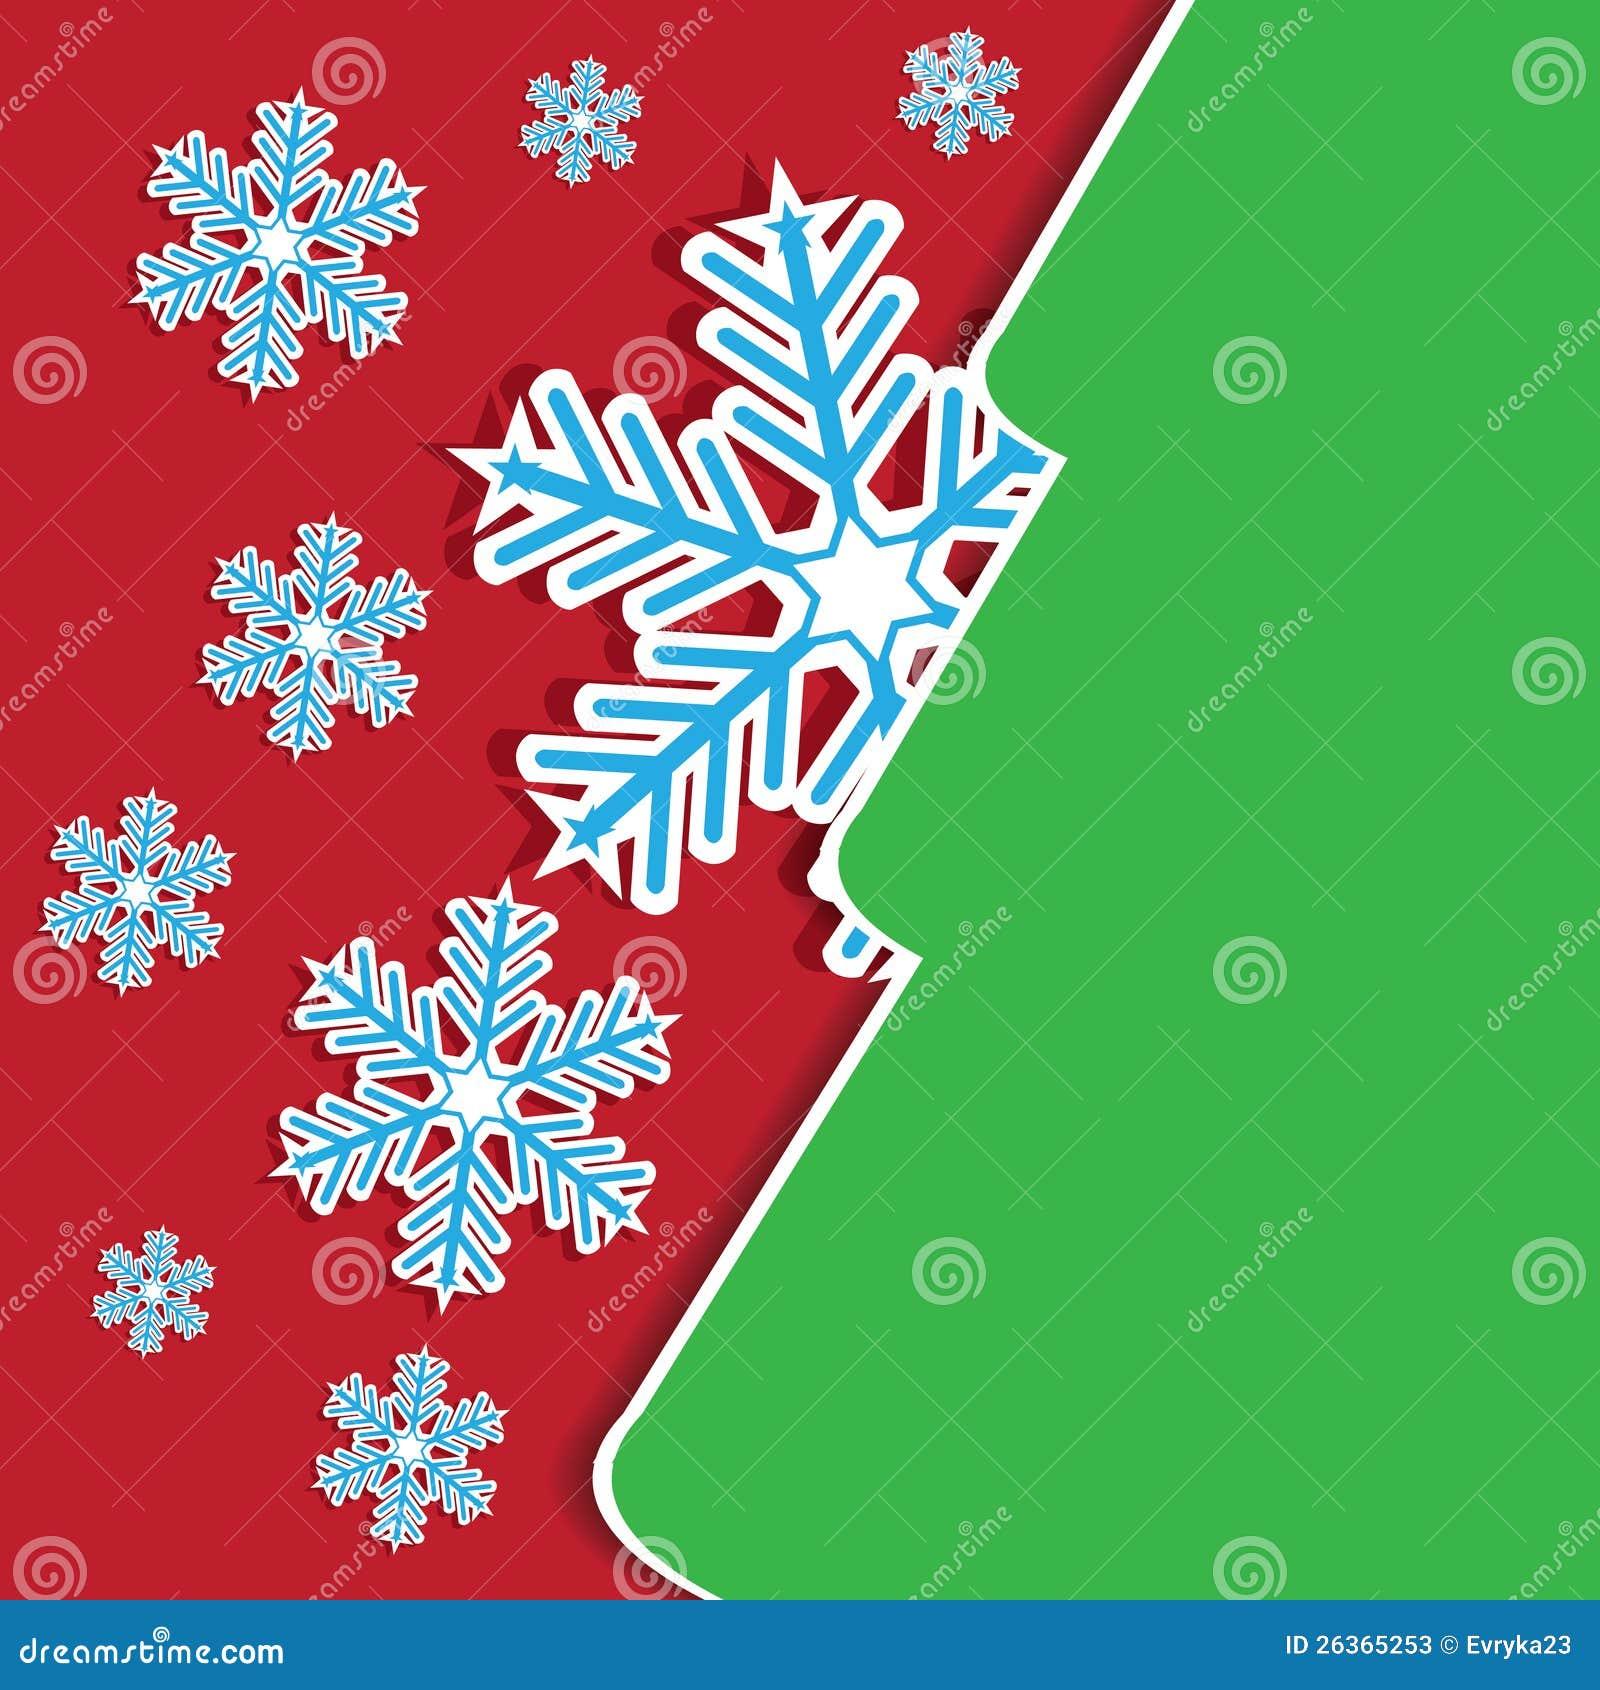 Abstrakte Weihnachtsfeiertags-Grußkarte